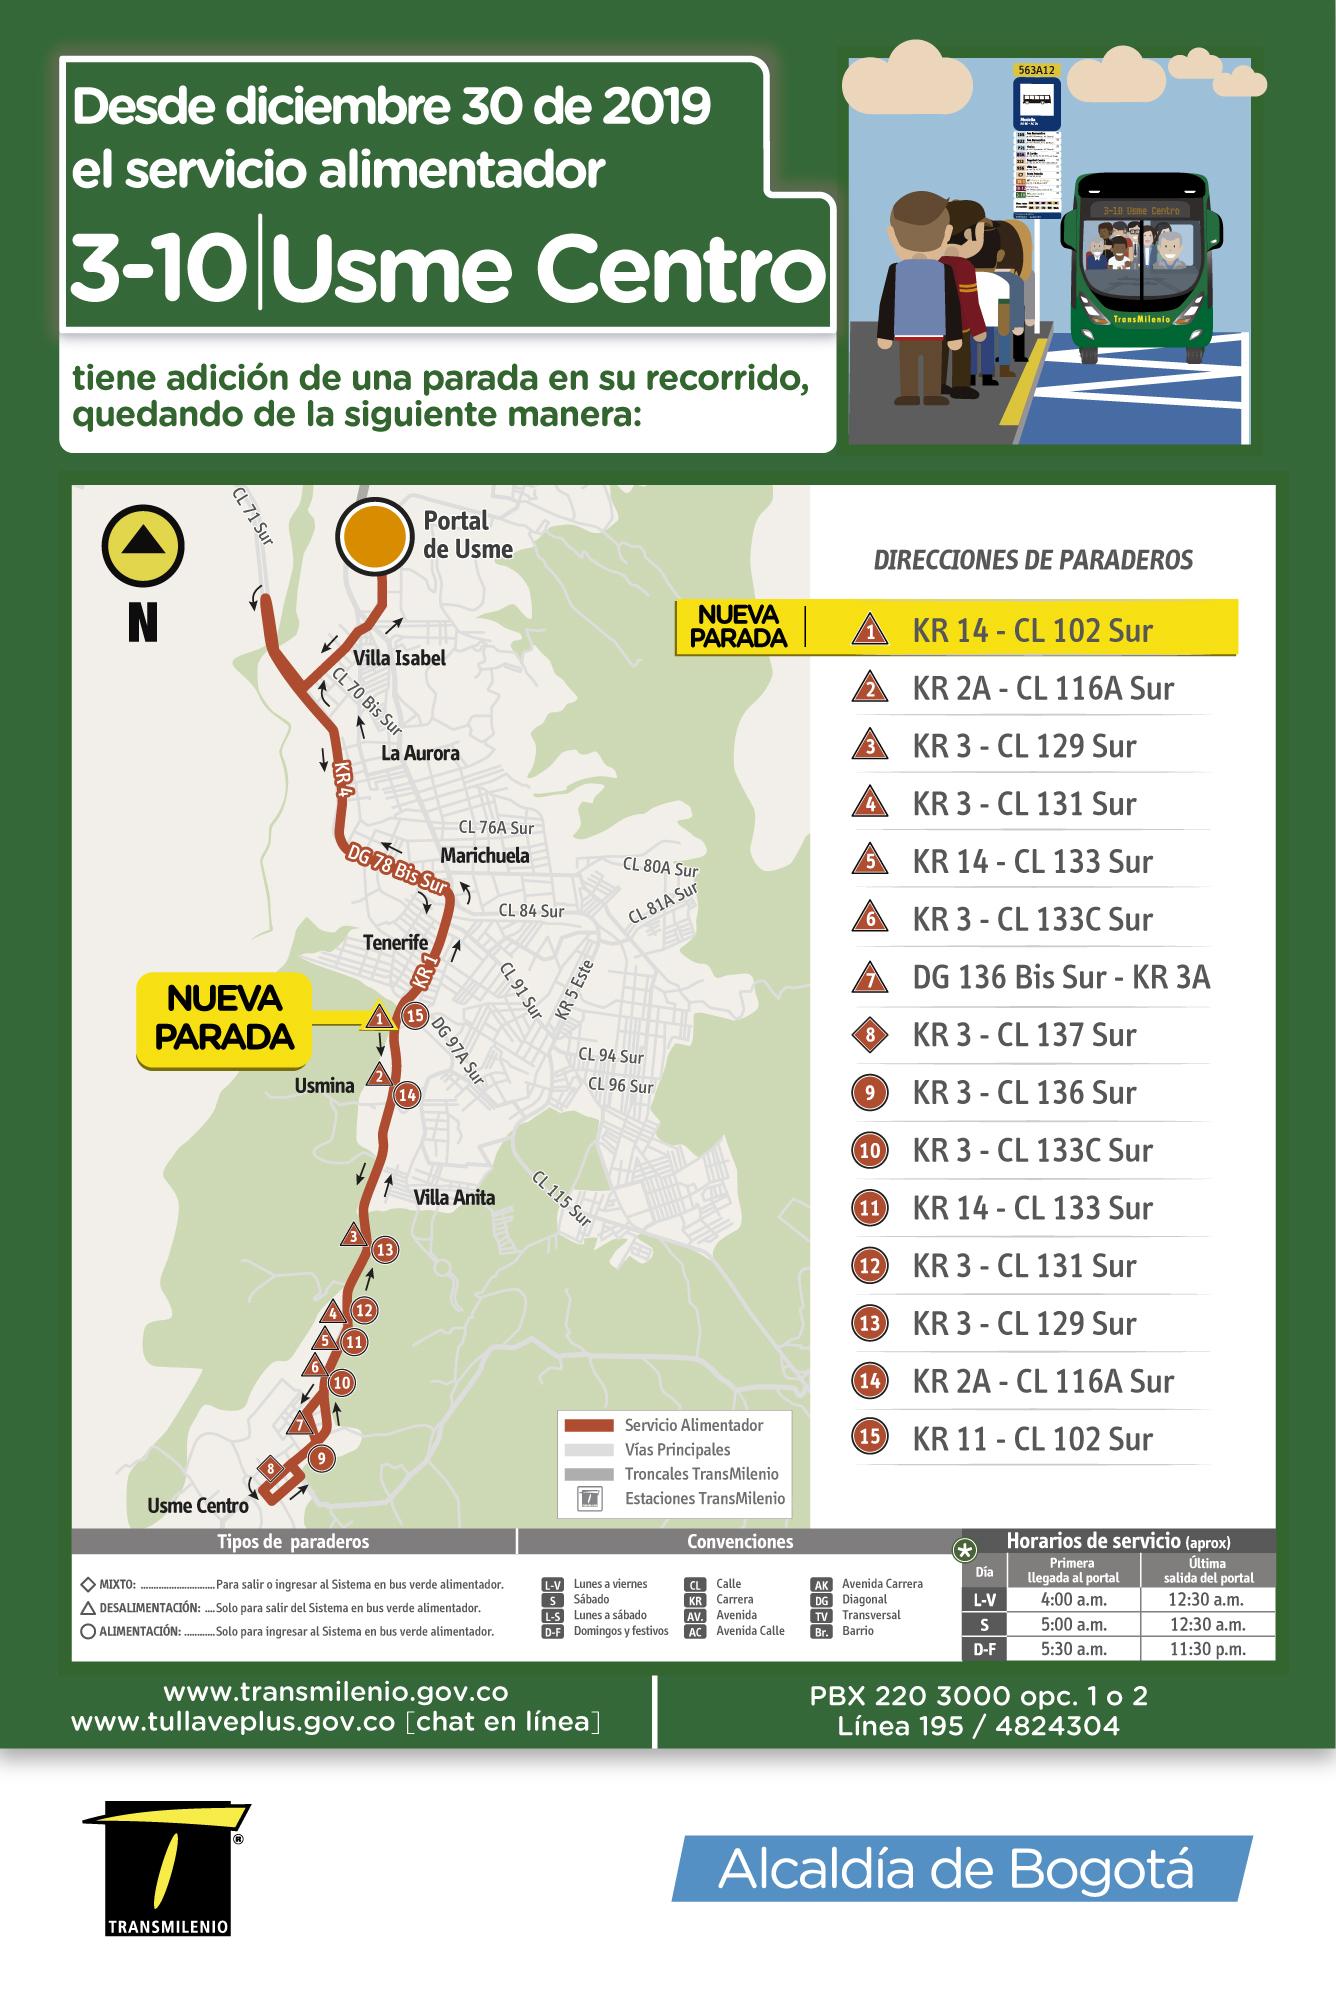 Mapa de la ruta 3-10 Usme Centro con nueva parada